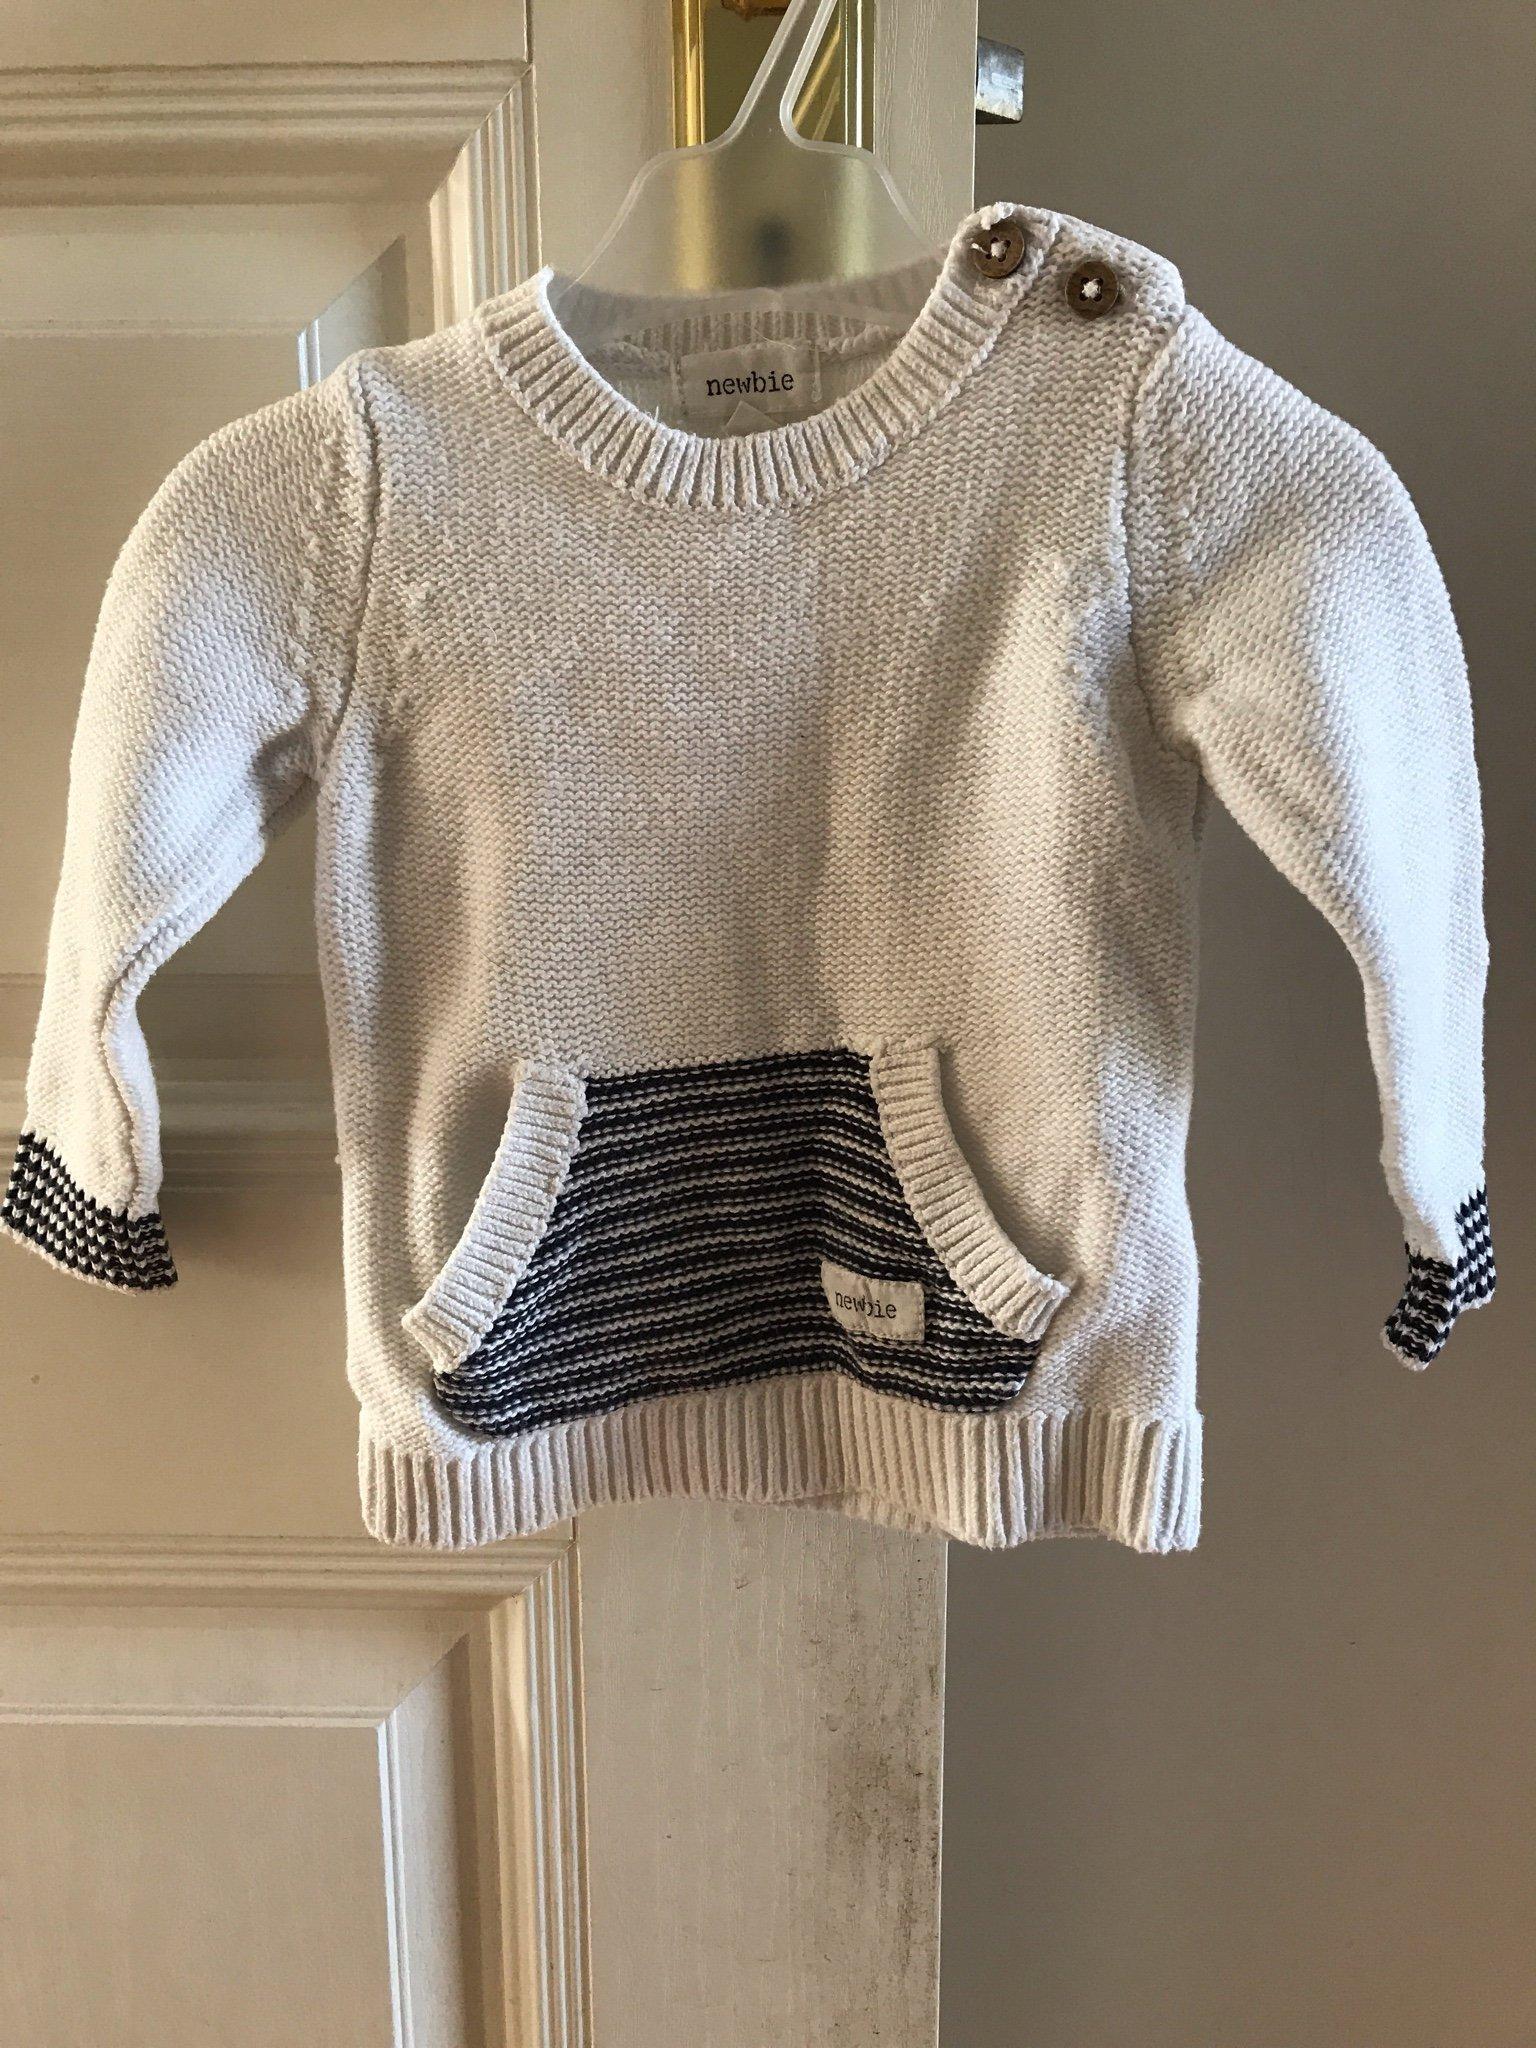 Stickad tröja, NEWBIE, storlek 62 (355275763) ᐈ Köp på Tradera